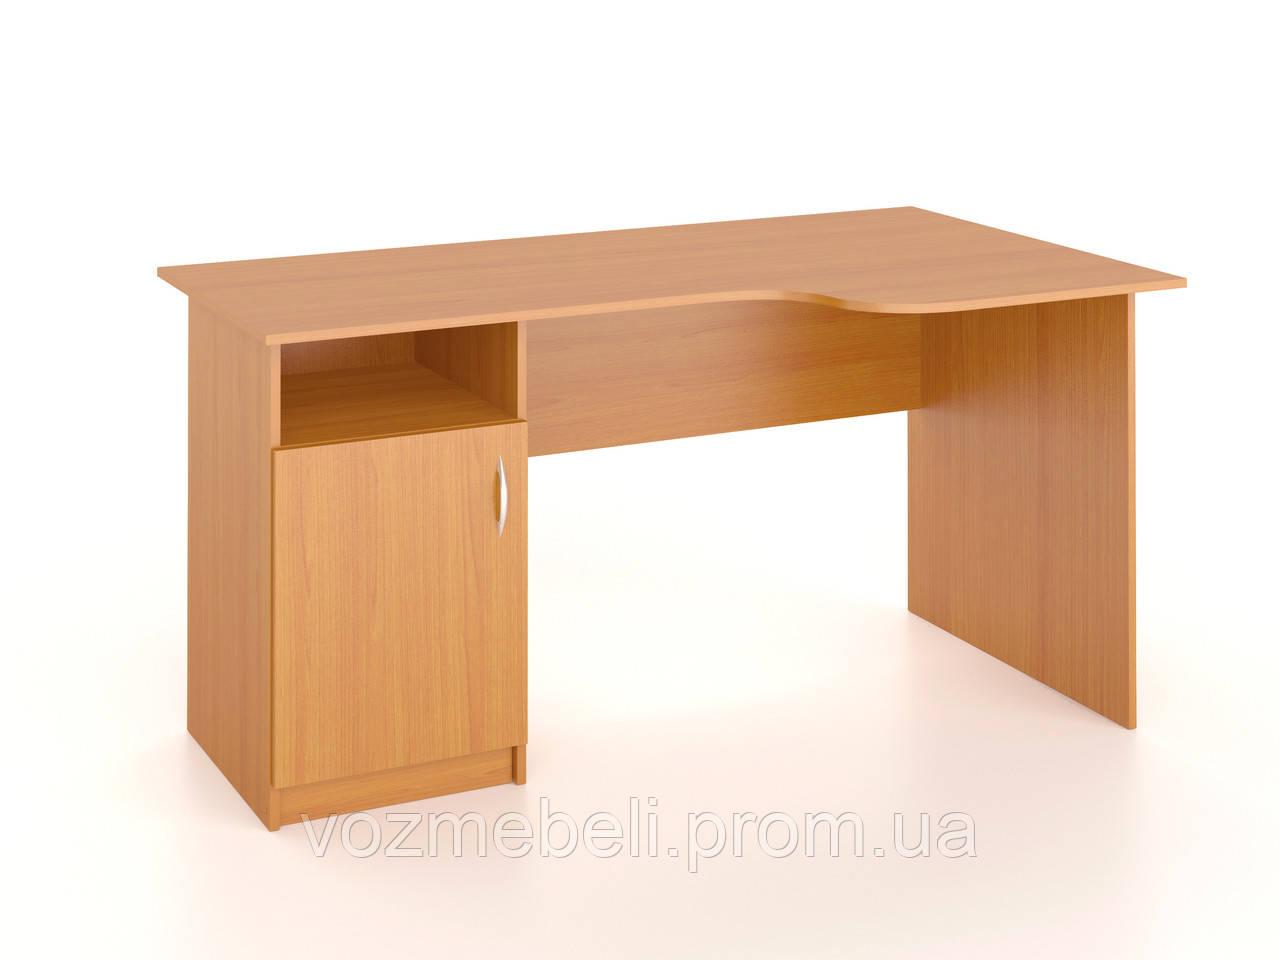 Арт столы СТ-403